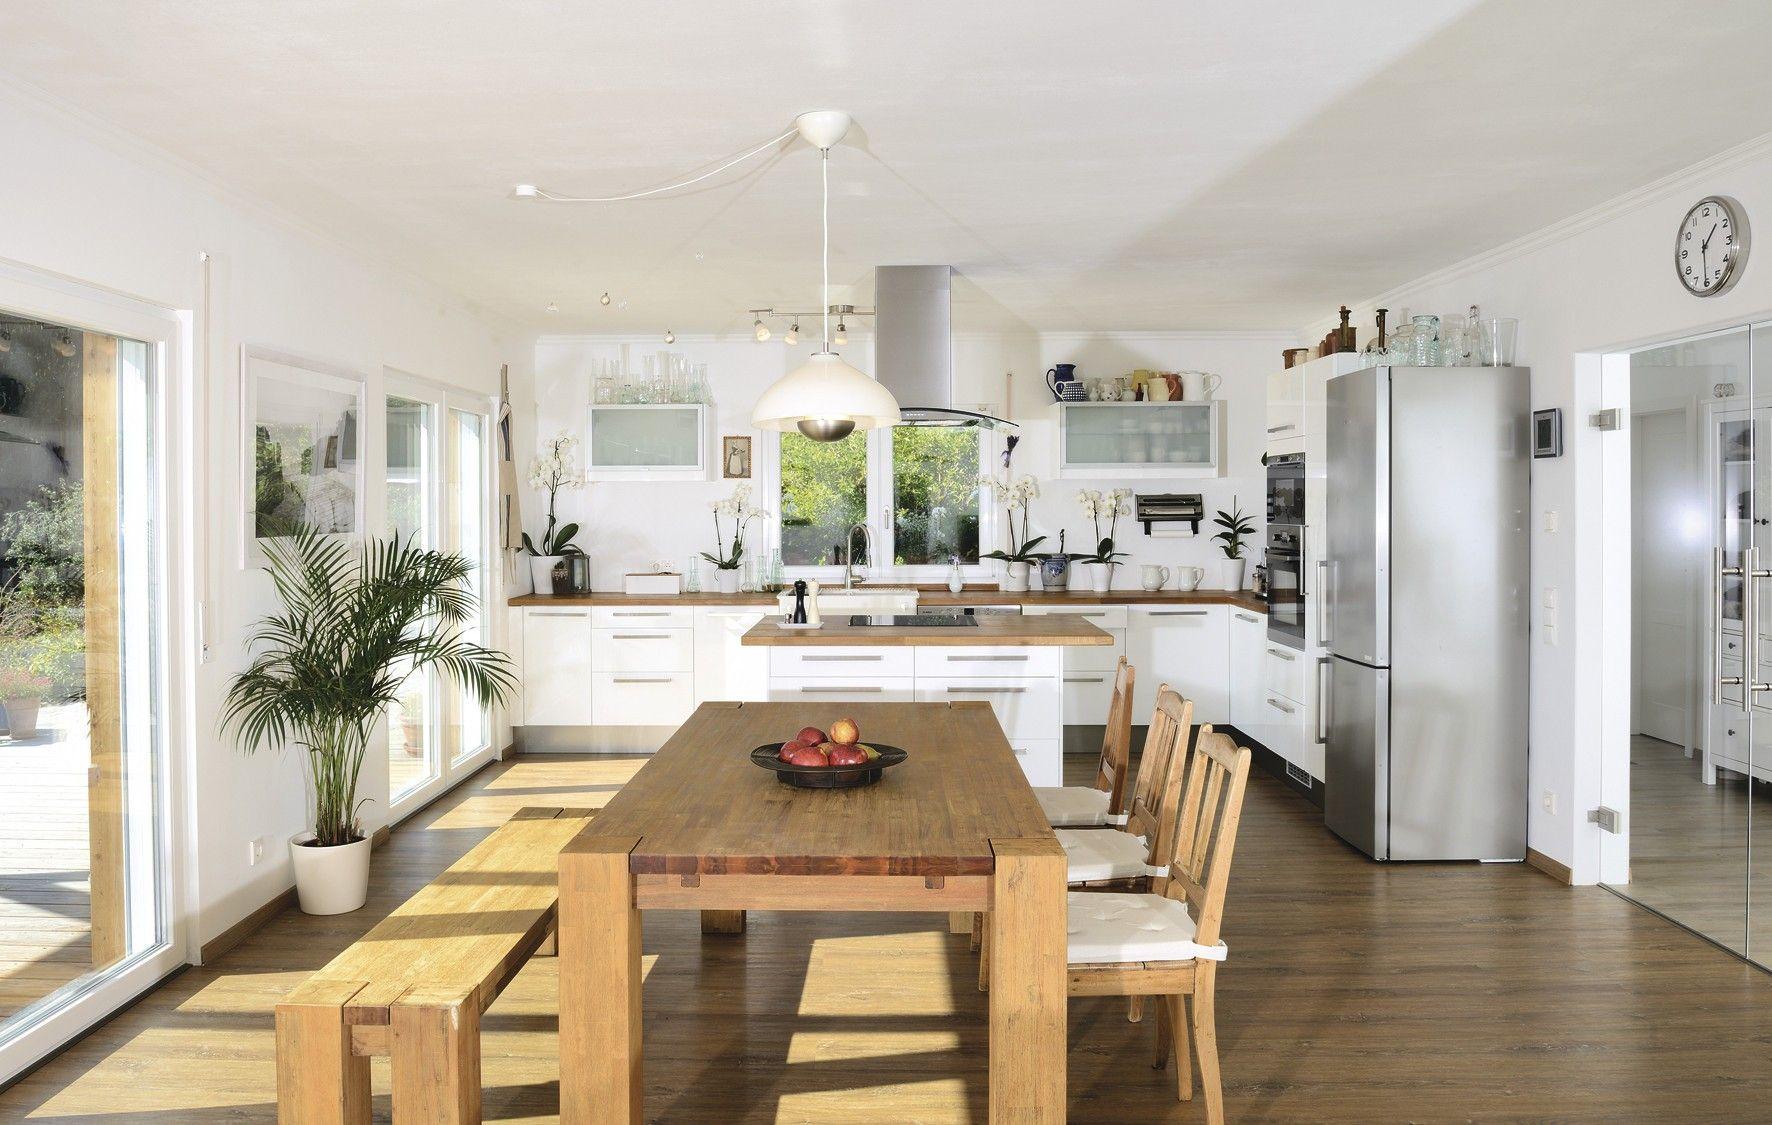 Hausdetailansicht | haus | Pinterest | Küche, Haus küchen und Wohnideen